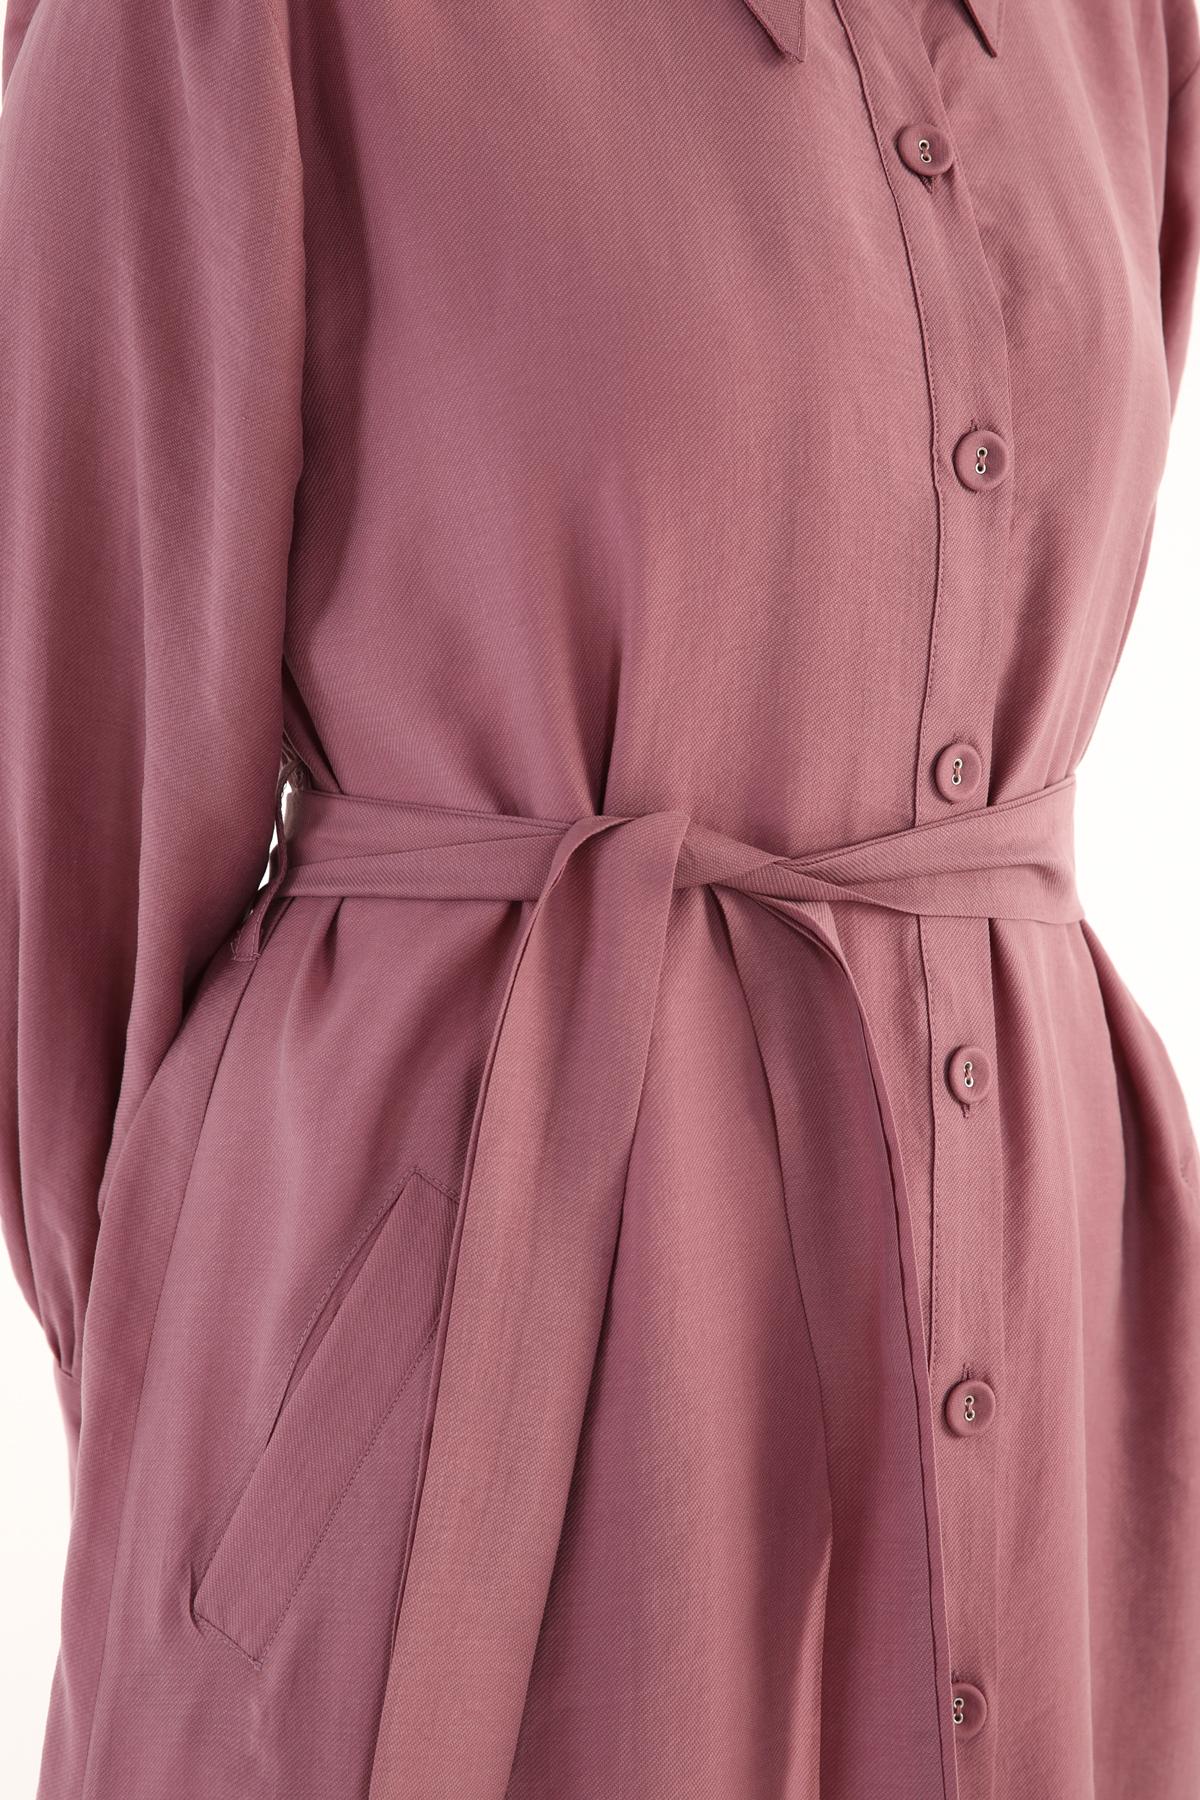 Flounce Hem Button Front Tencel Dress